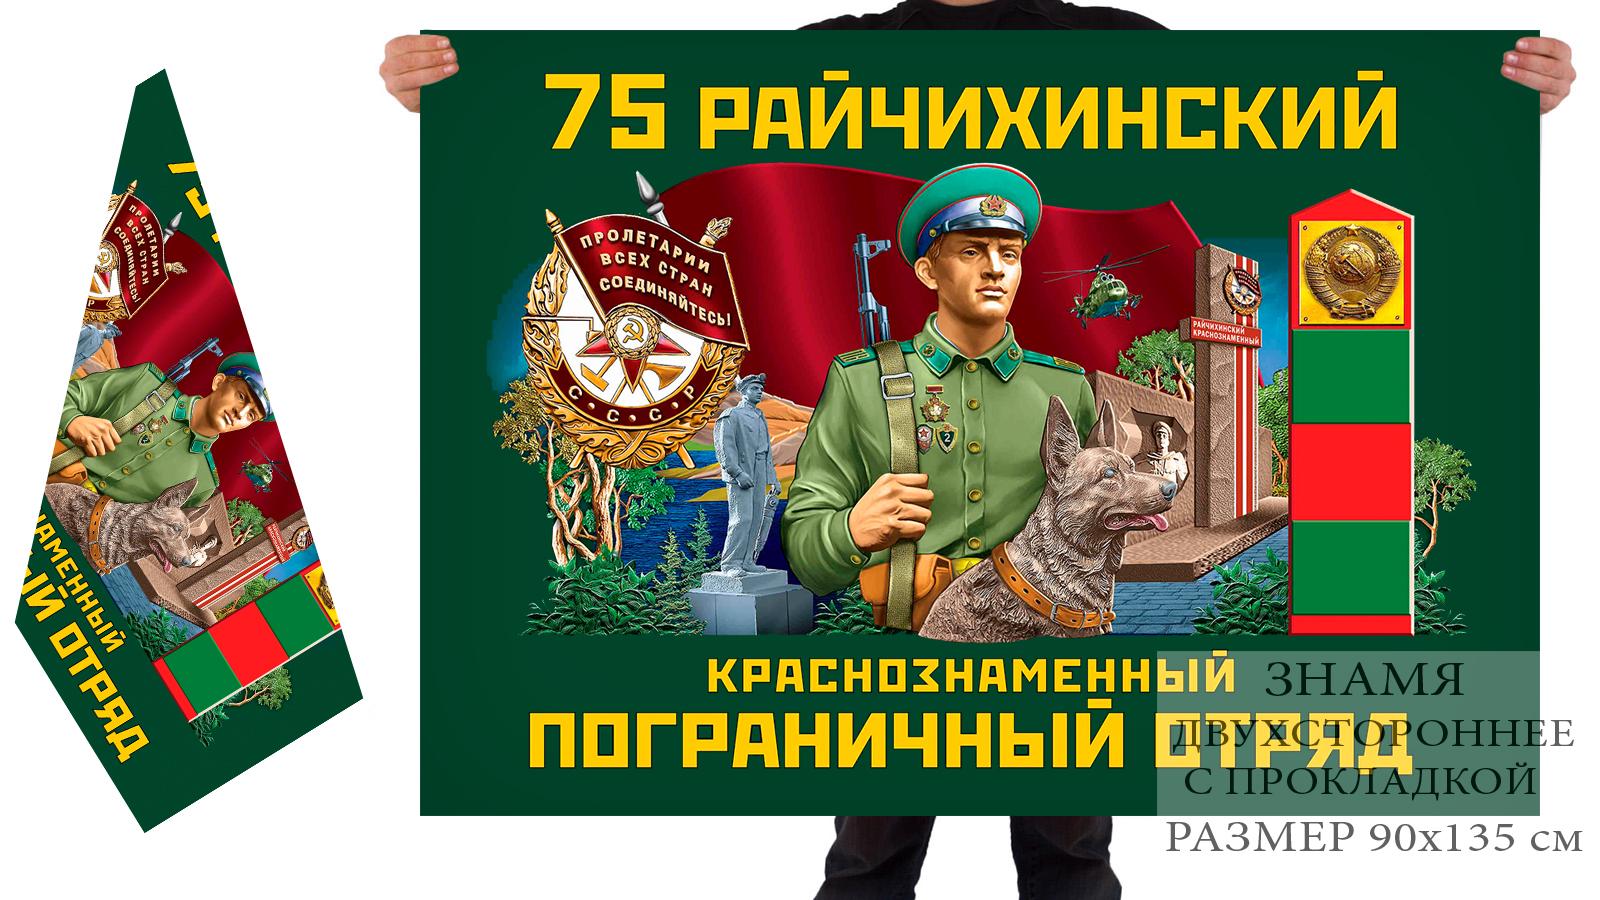 Двусторонний флаг 75 Райчихинского Краснознамённого погранотряда